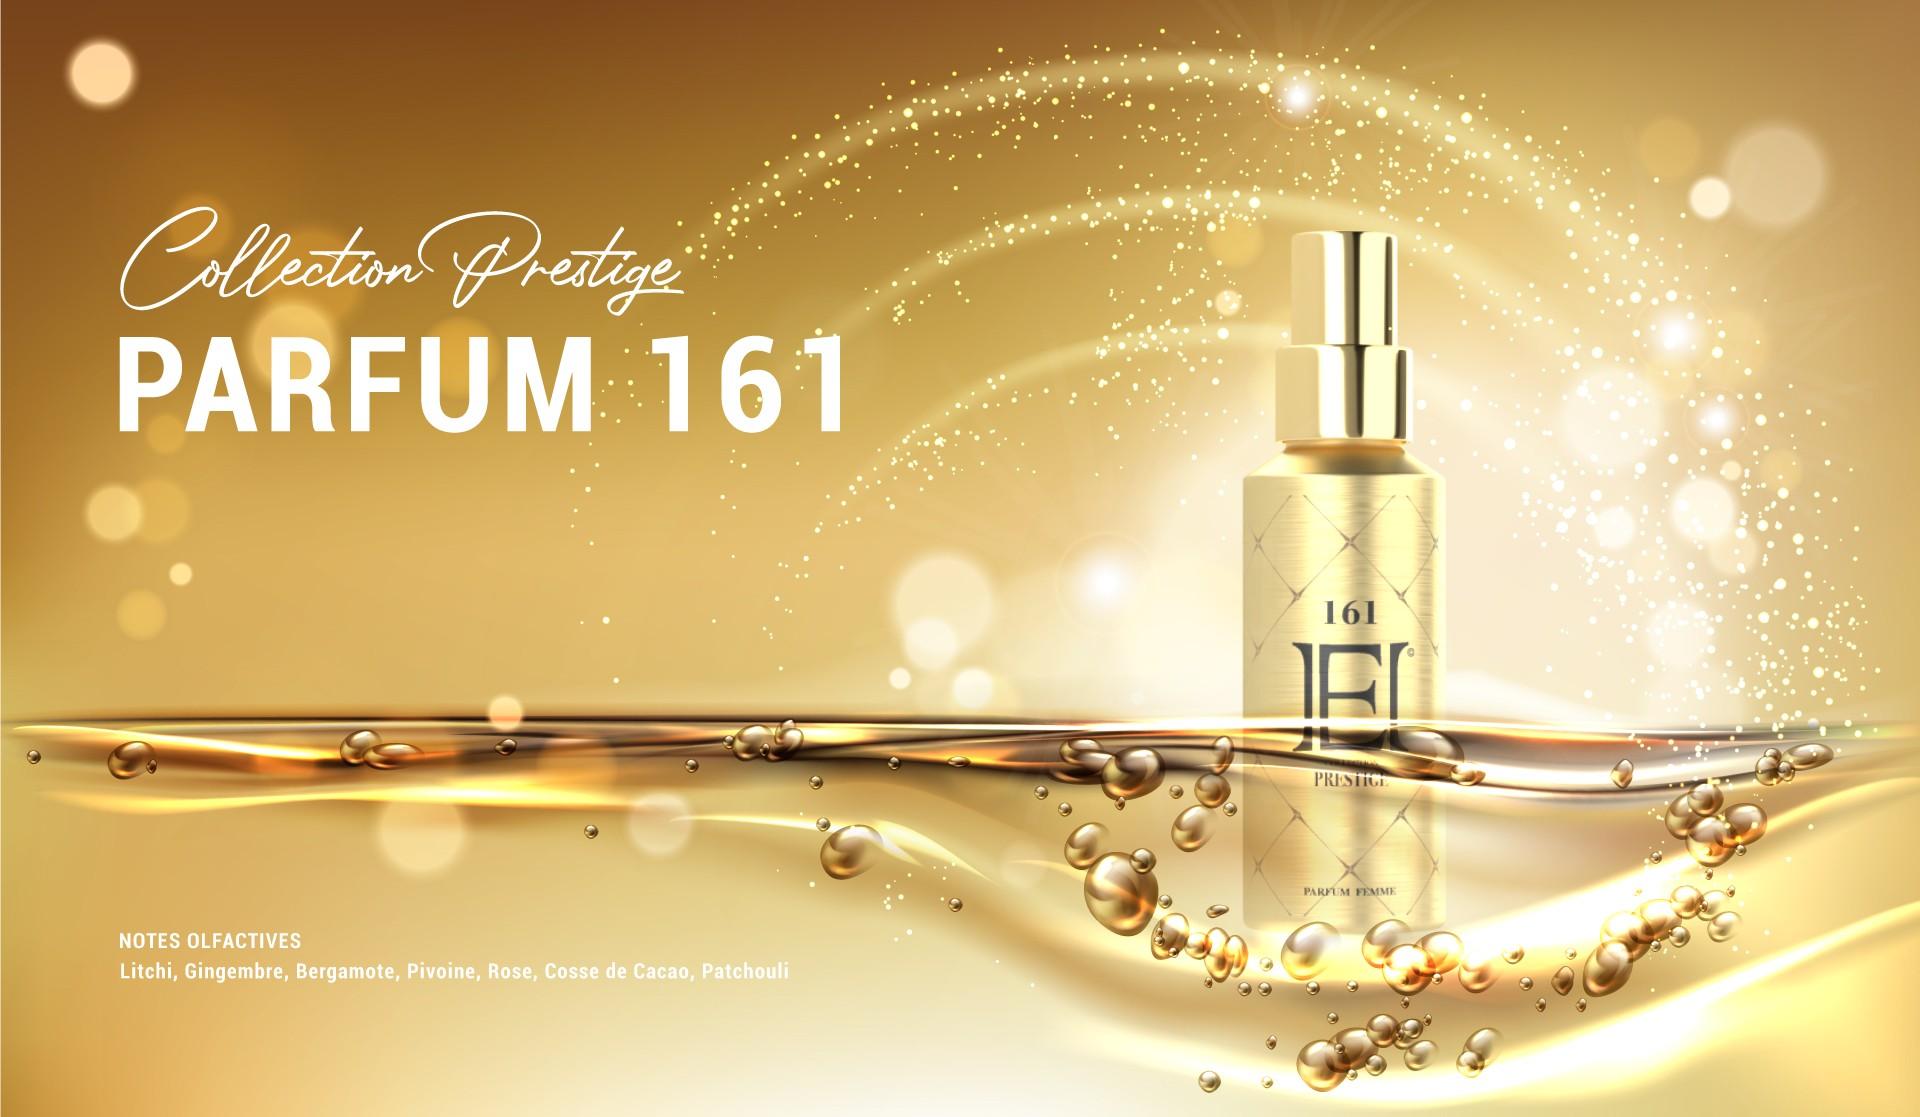 Cliquez ici pour découvrir notre Parfum Prestige 161